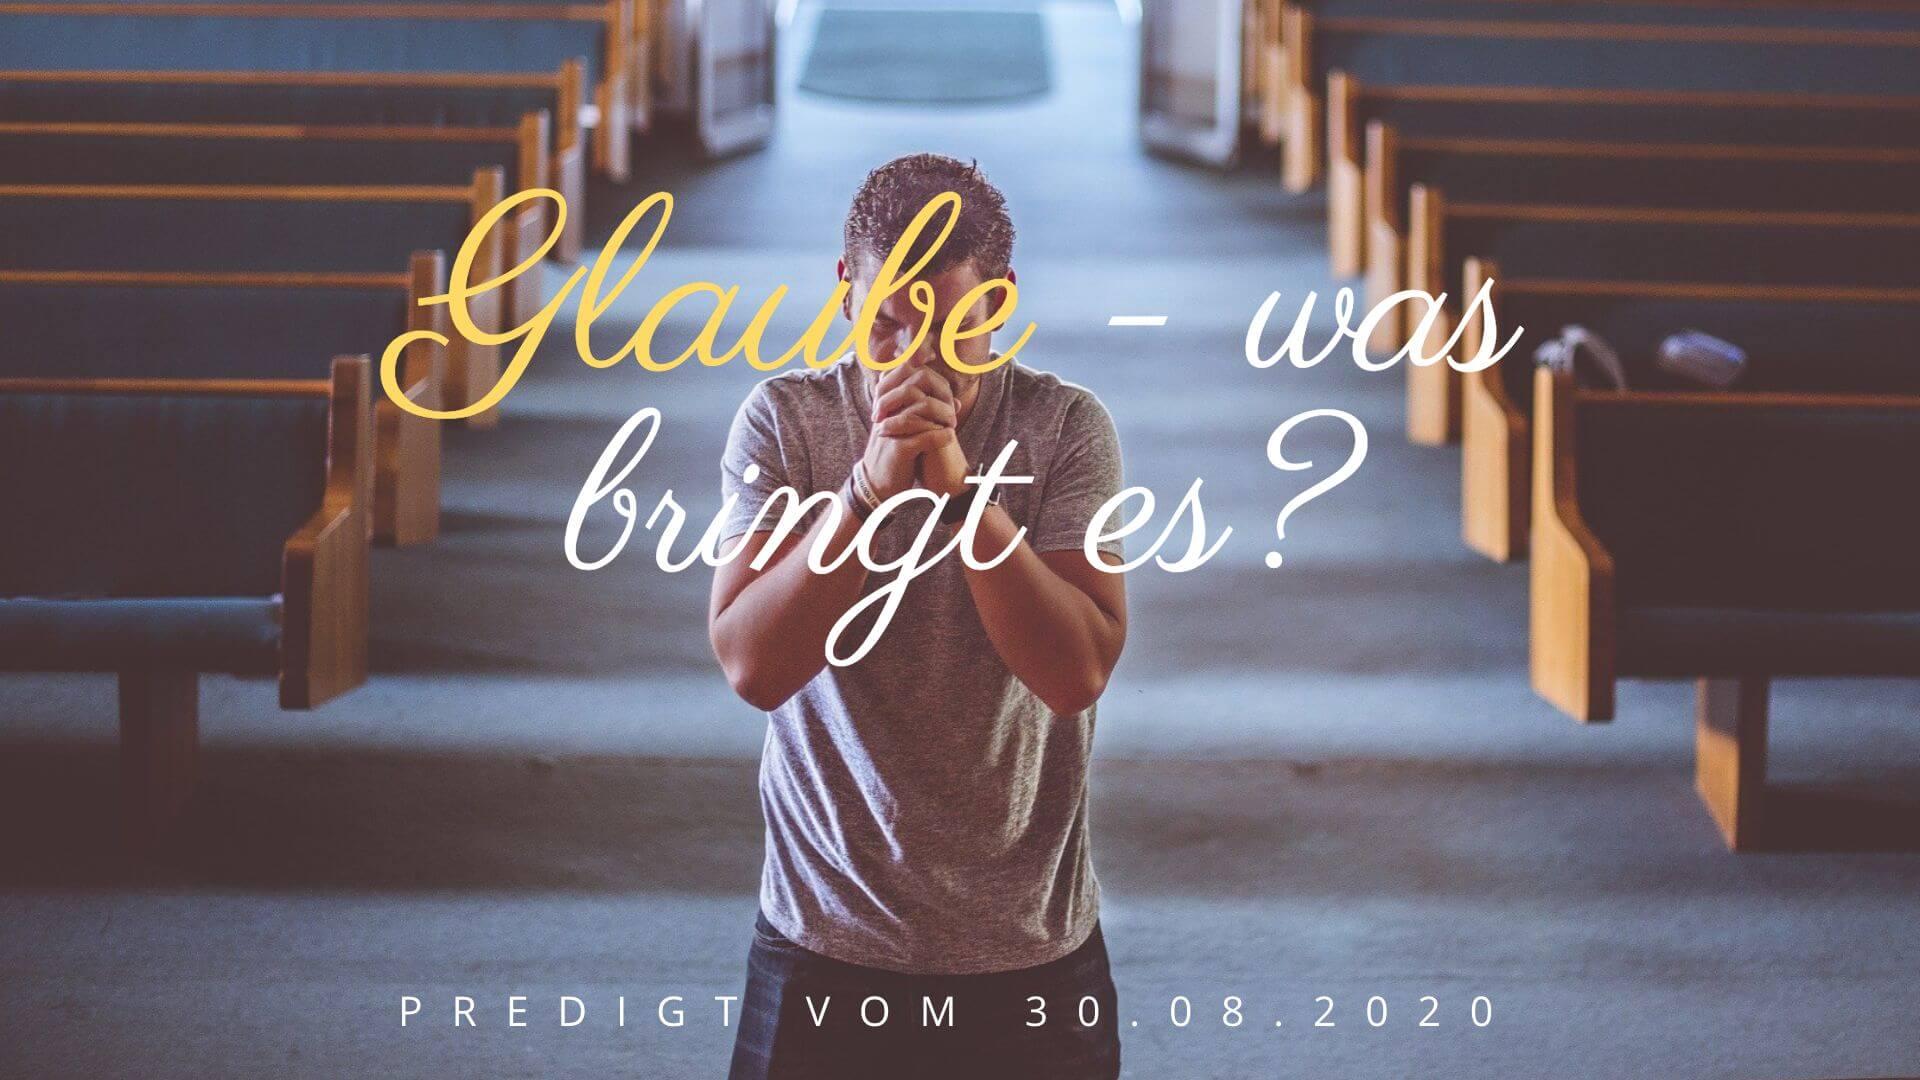 Glaube - was bringt es? Predigt vom 30.08.2020